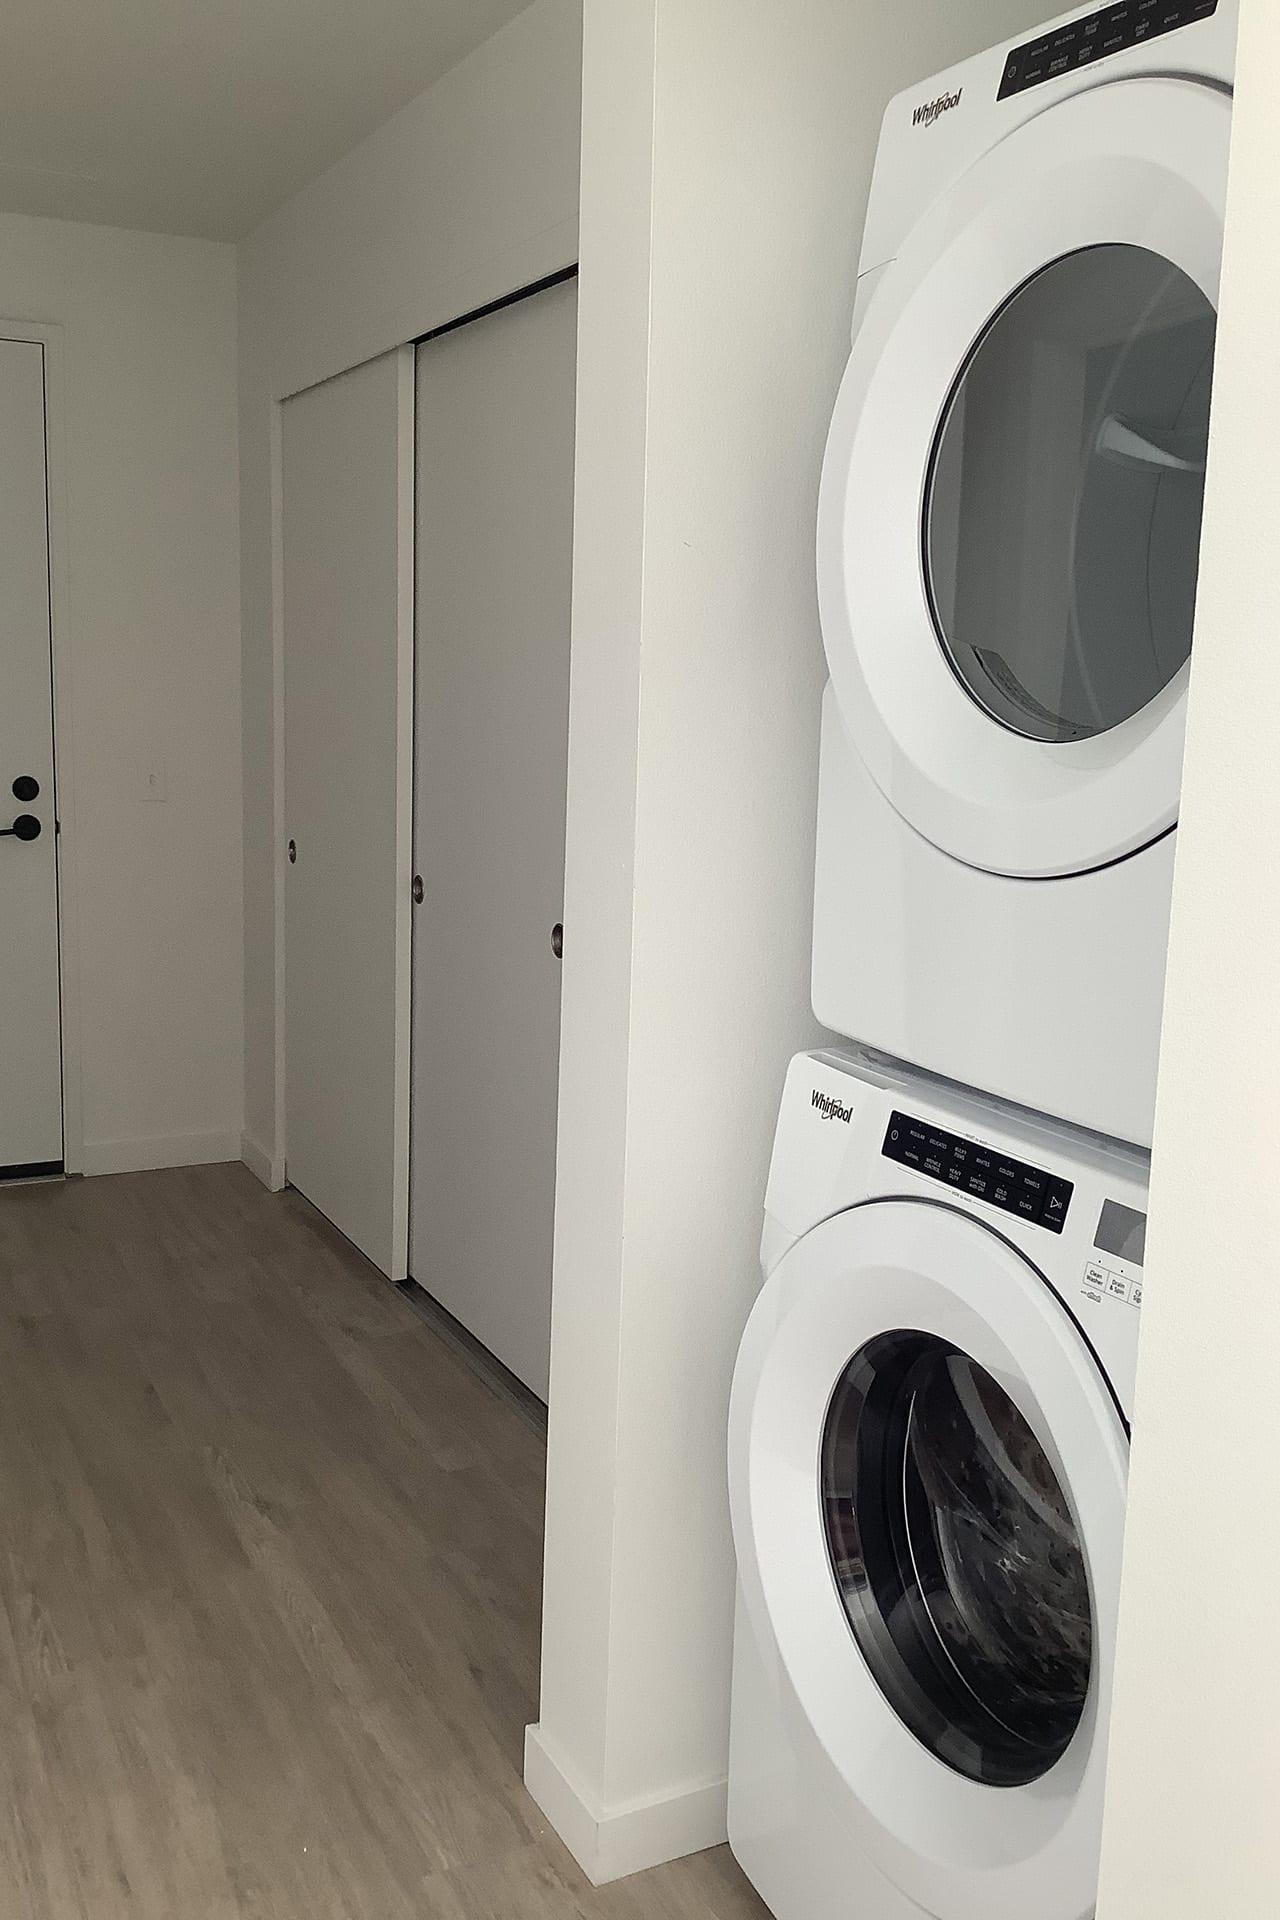 132_washer-dryer